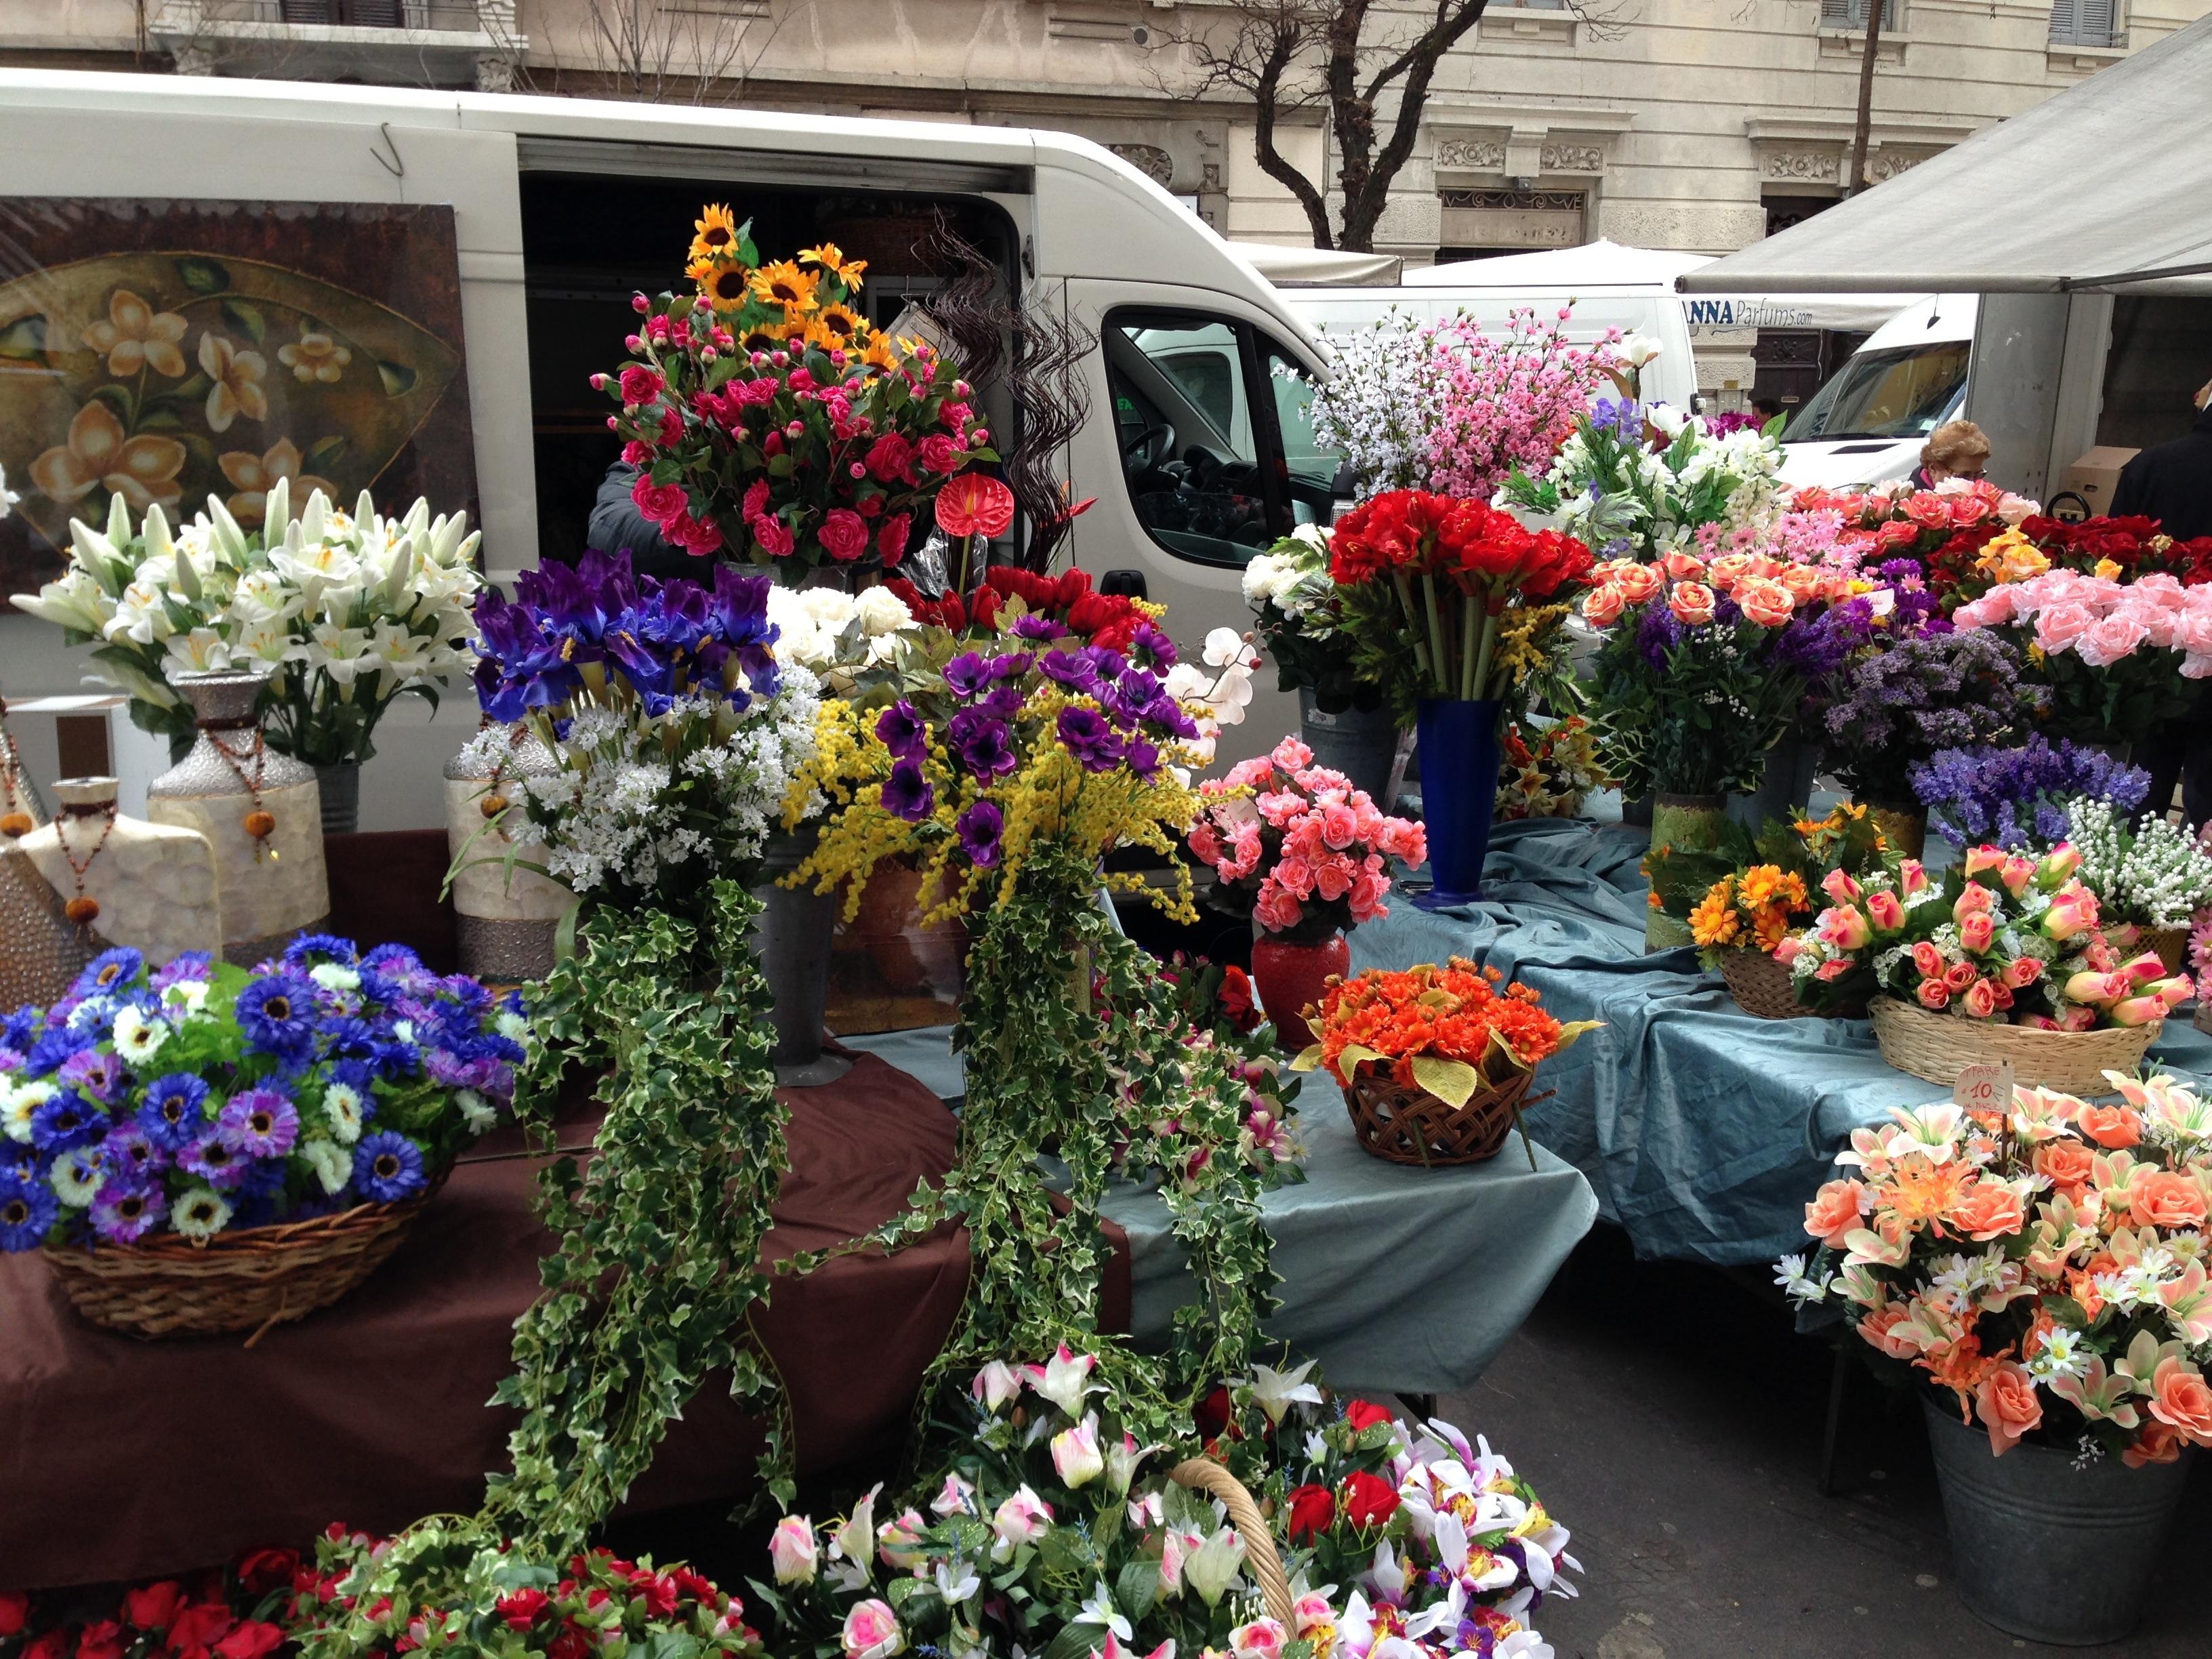 Fotos gratis planta flor ciudad urbano tienda italia mercado vistoso jard n flora for Jardin urbano shop telefono